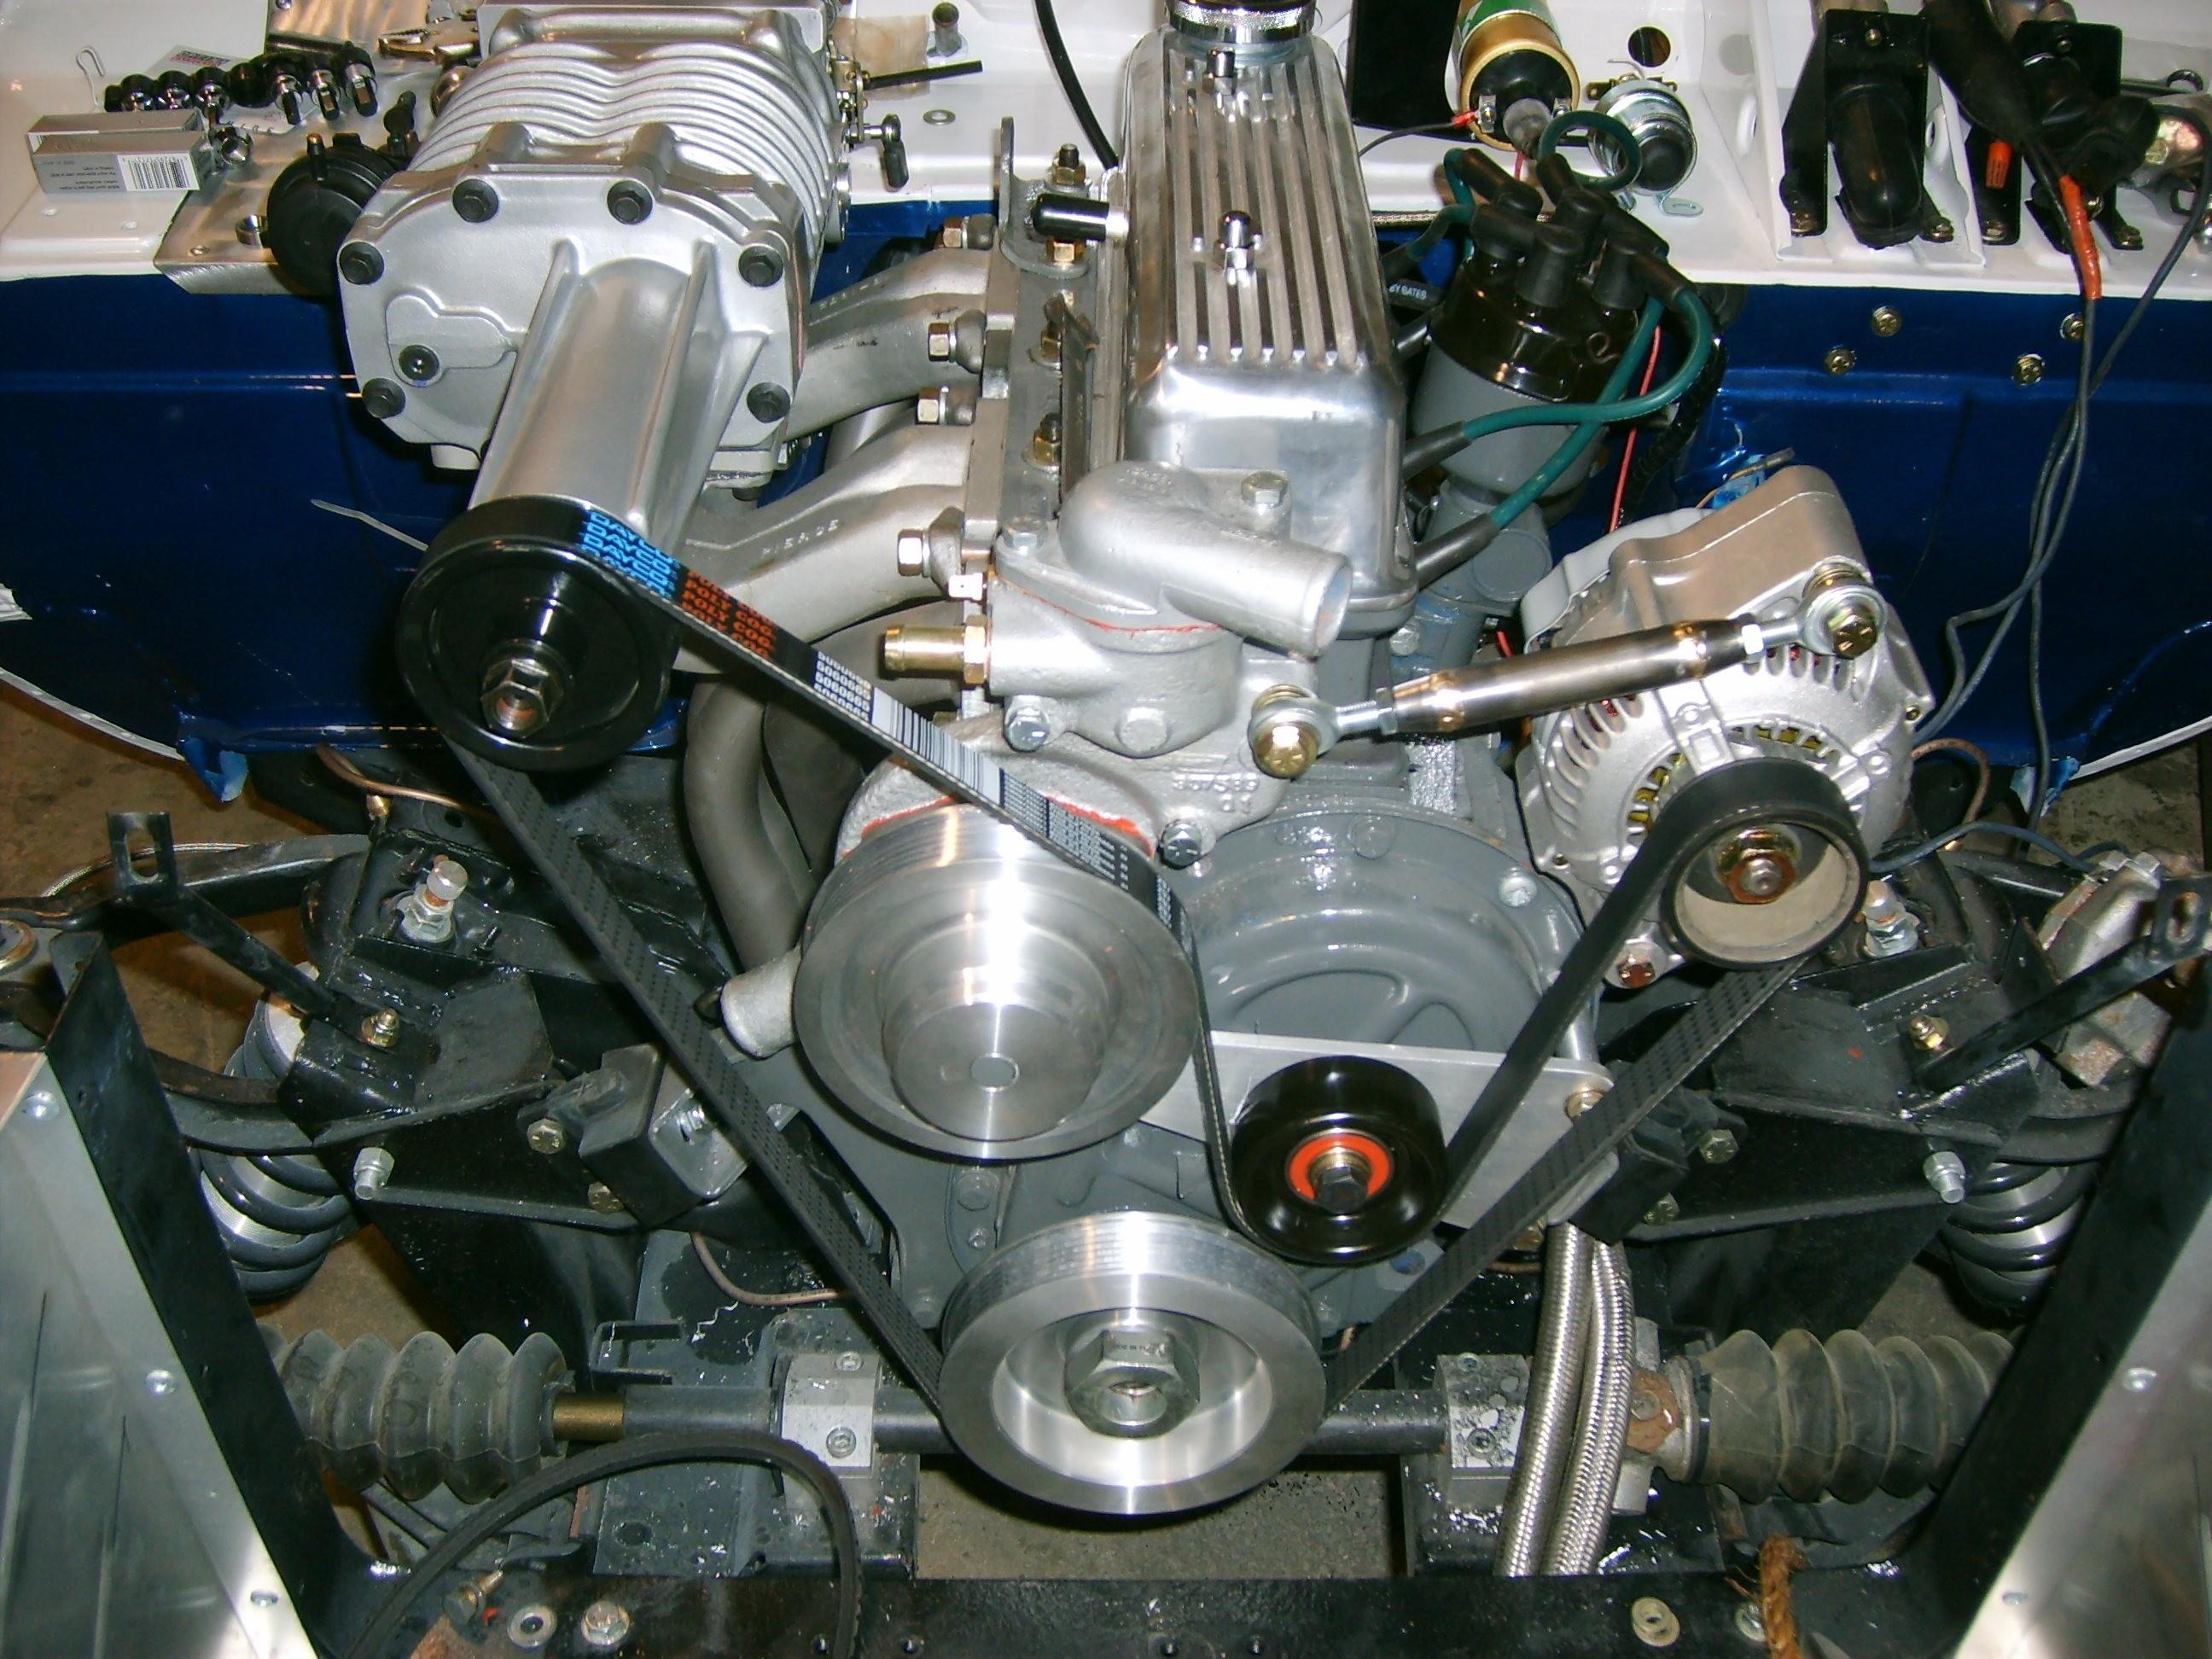 pics aug114, 06 Car parts 269